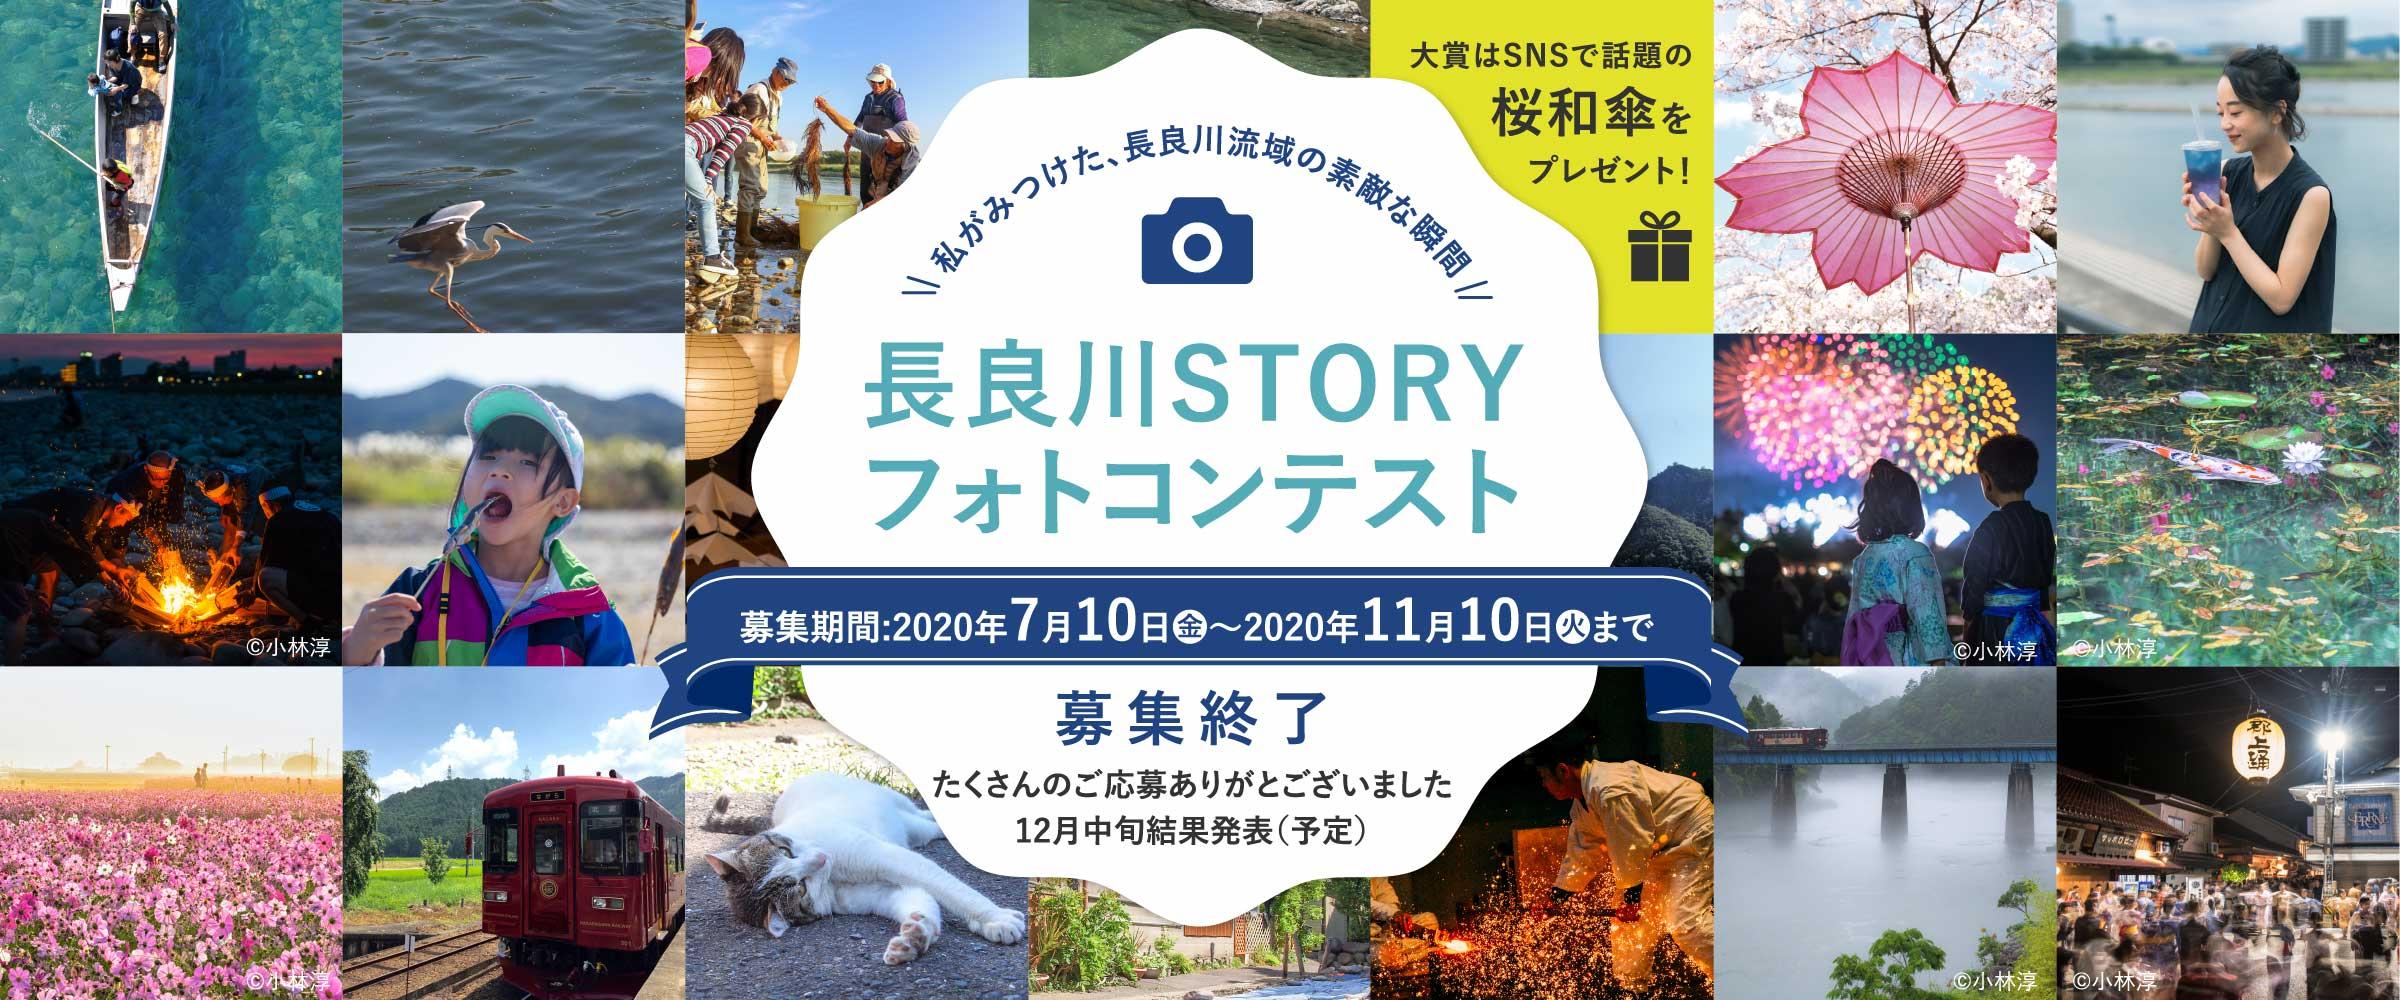 長良川STORY フォトコンテスト